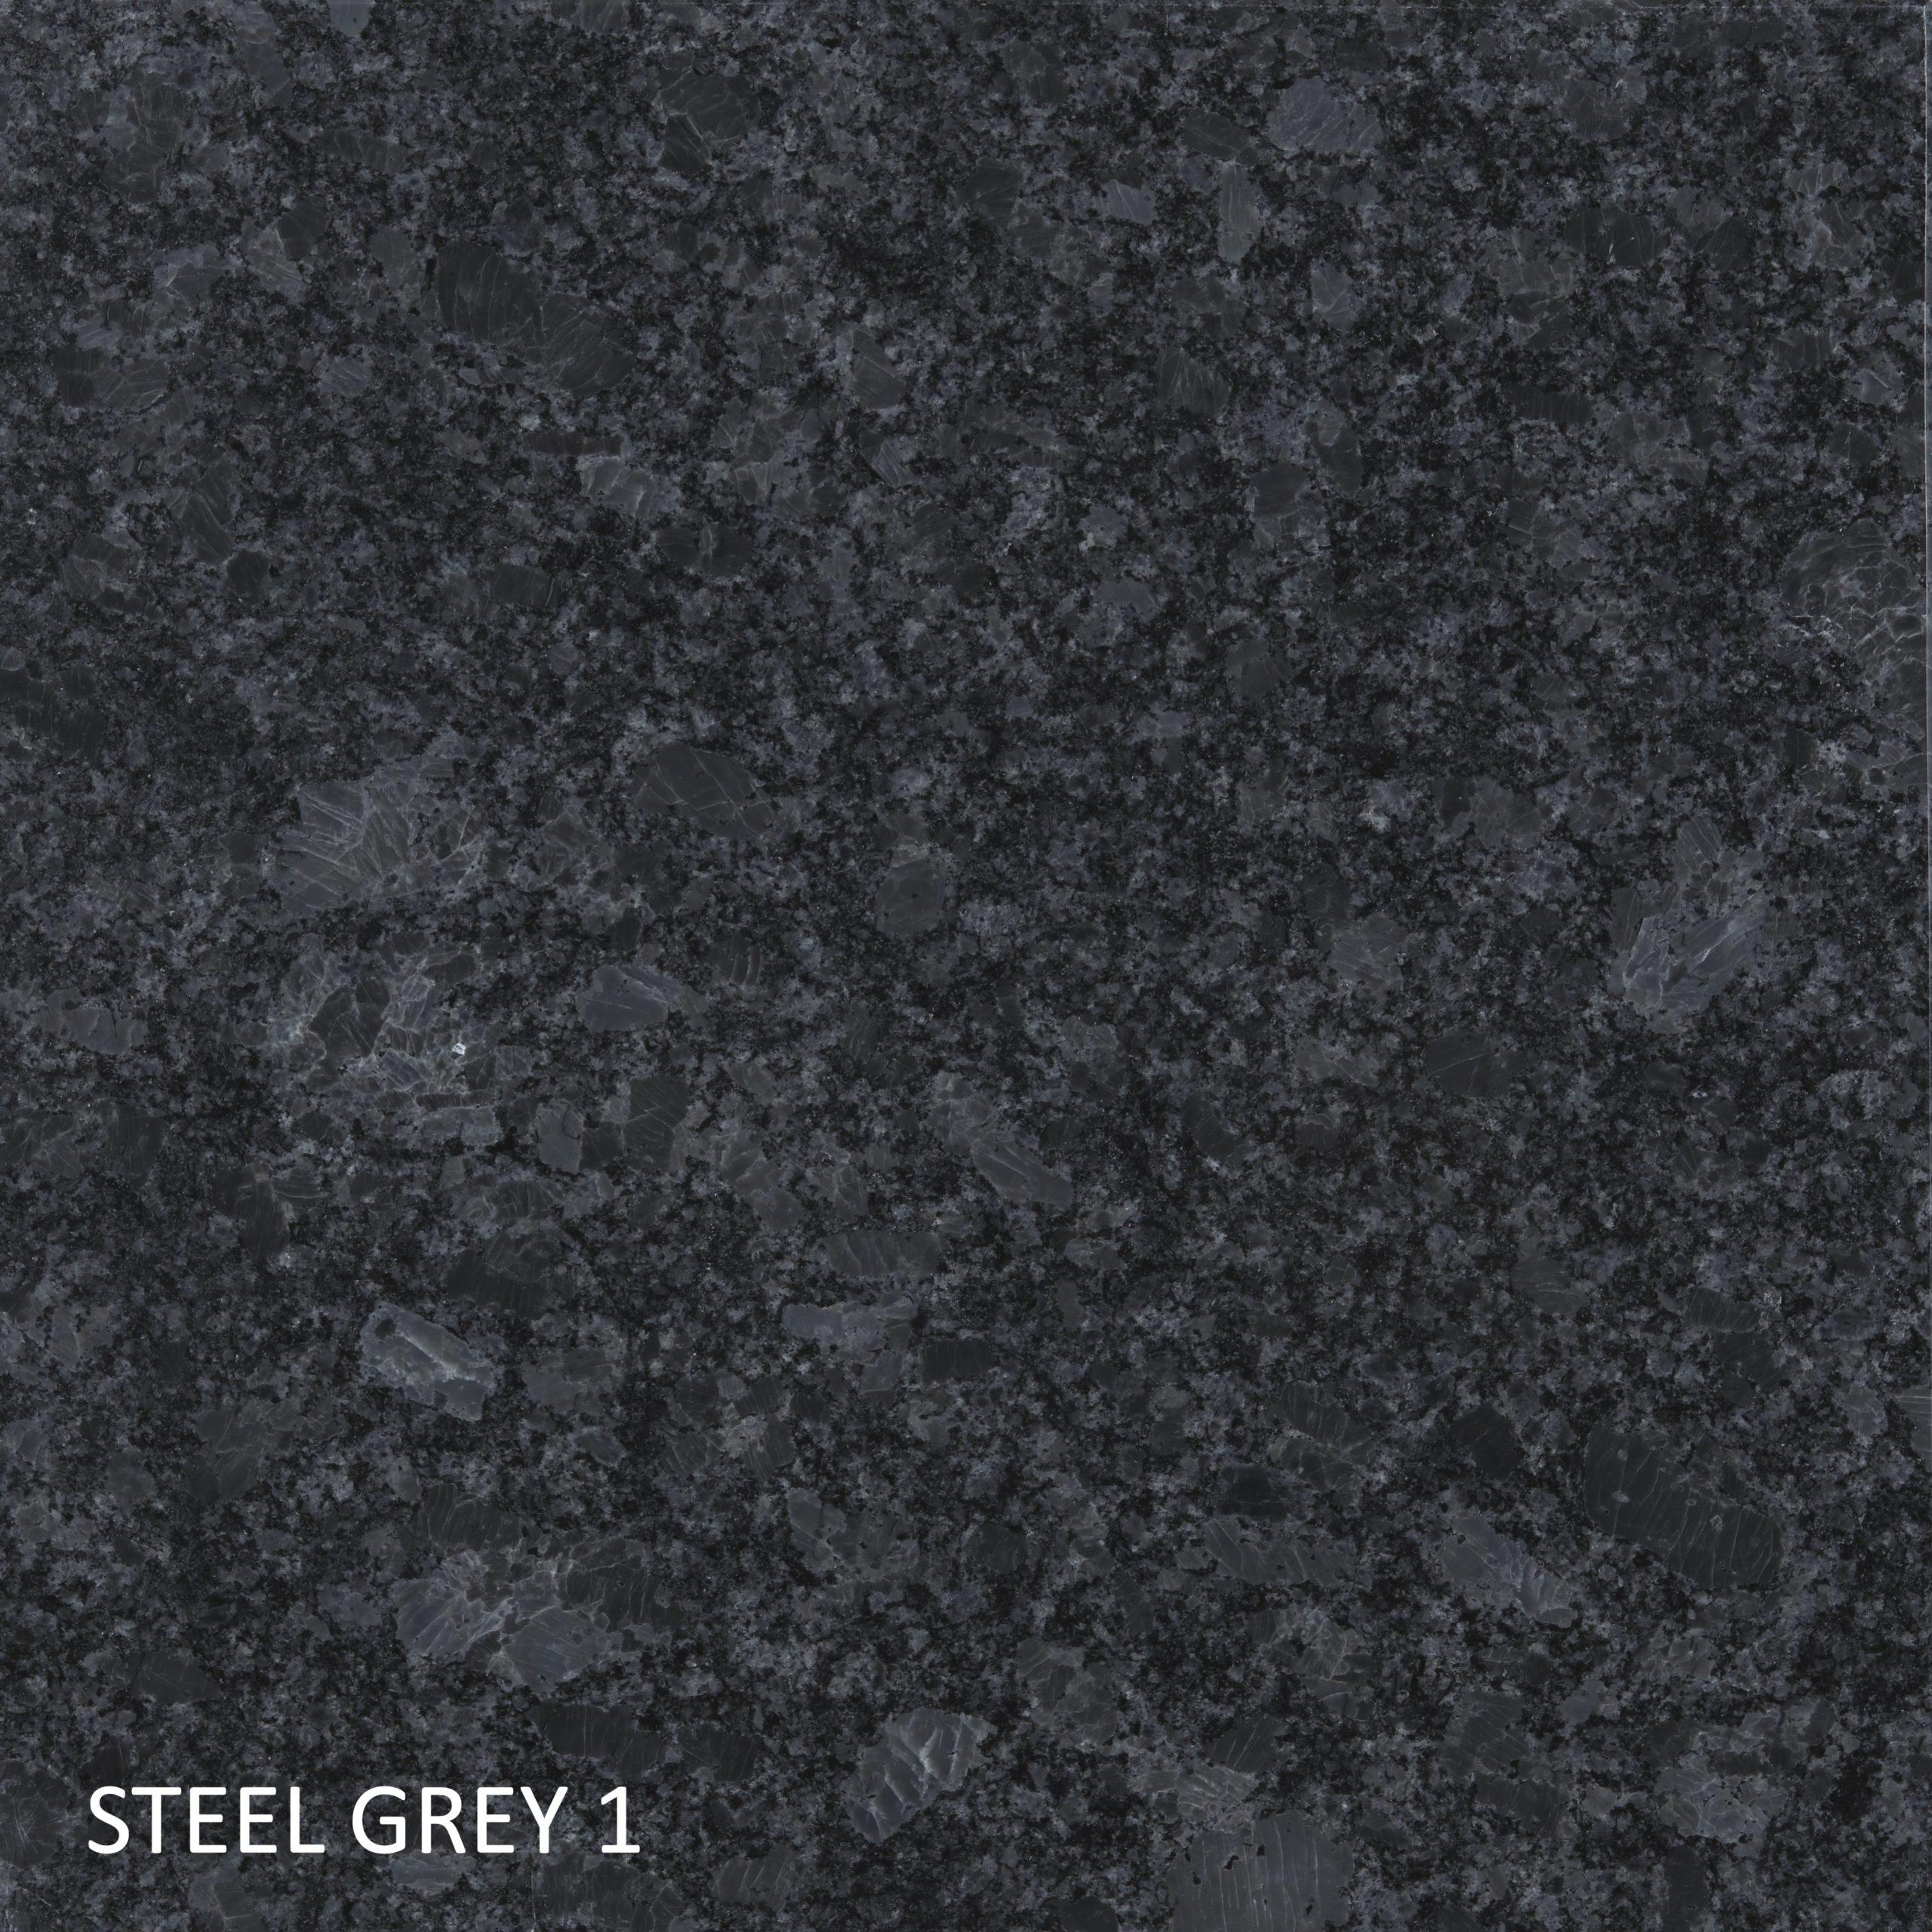 Stahlgrau